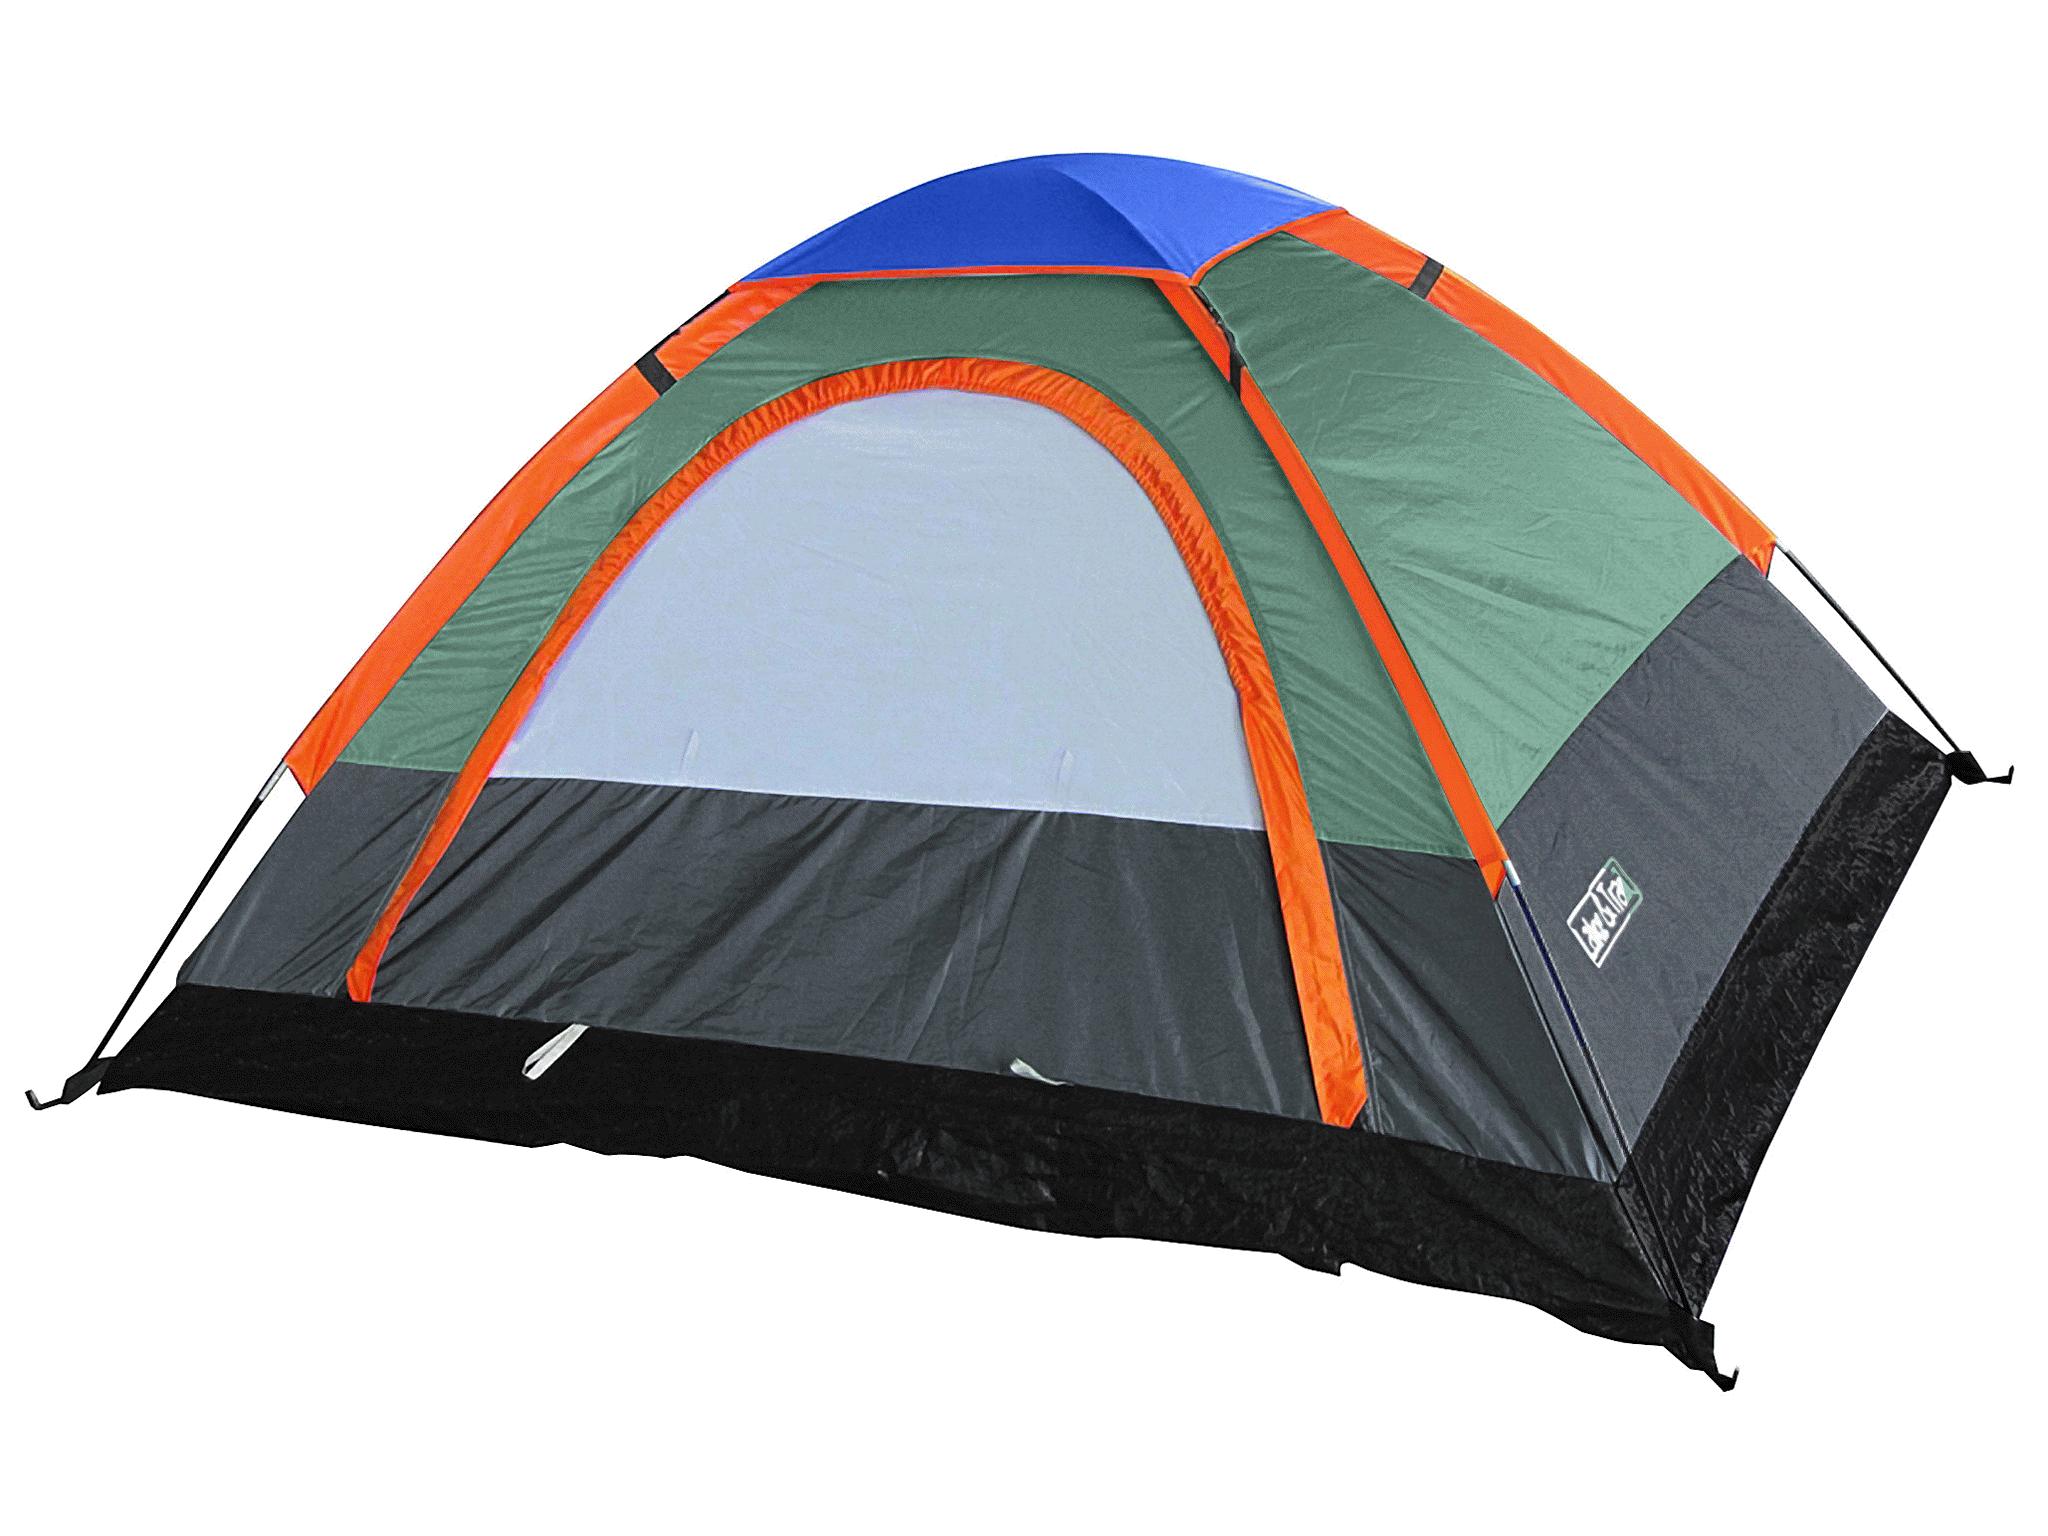 Tents Canopies Meijer